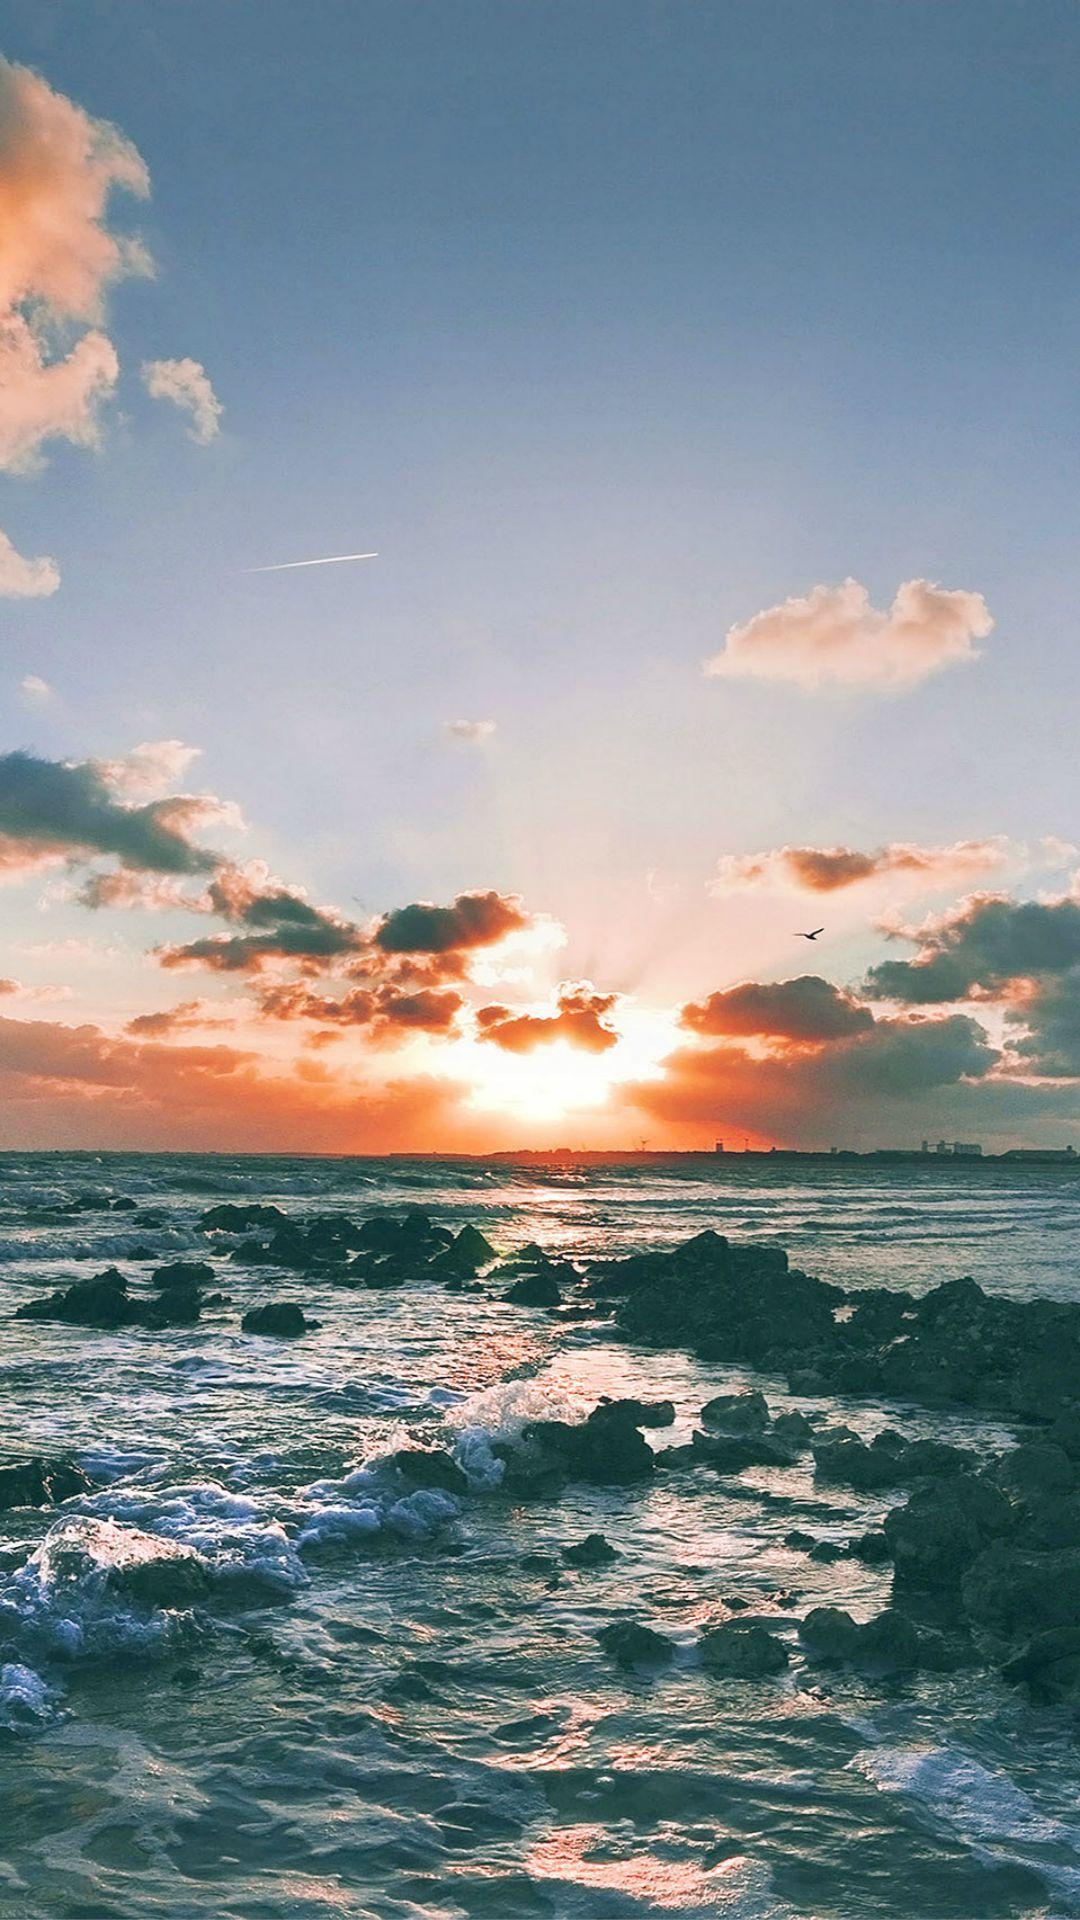 Ocean Iphone Wallpapers Top Free Ocean Iphone Backgrounds